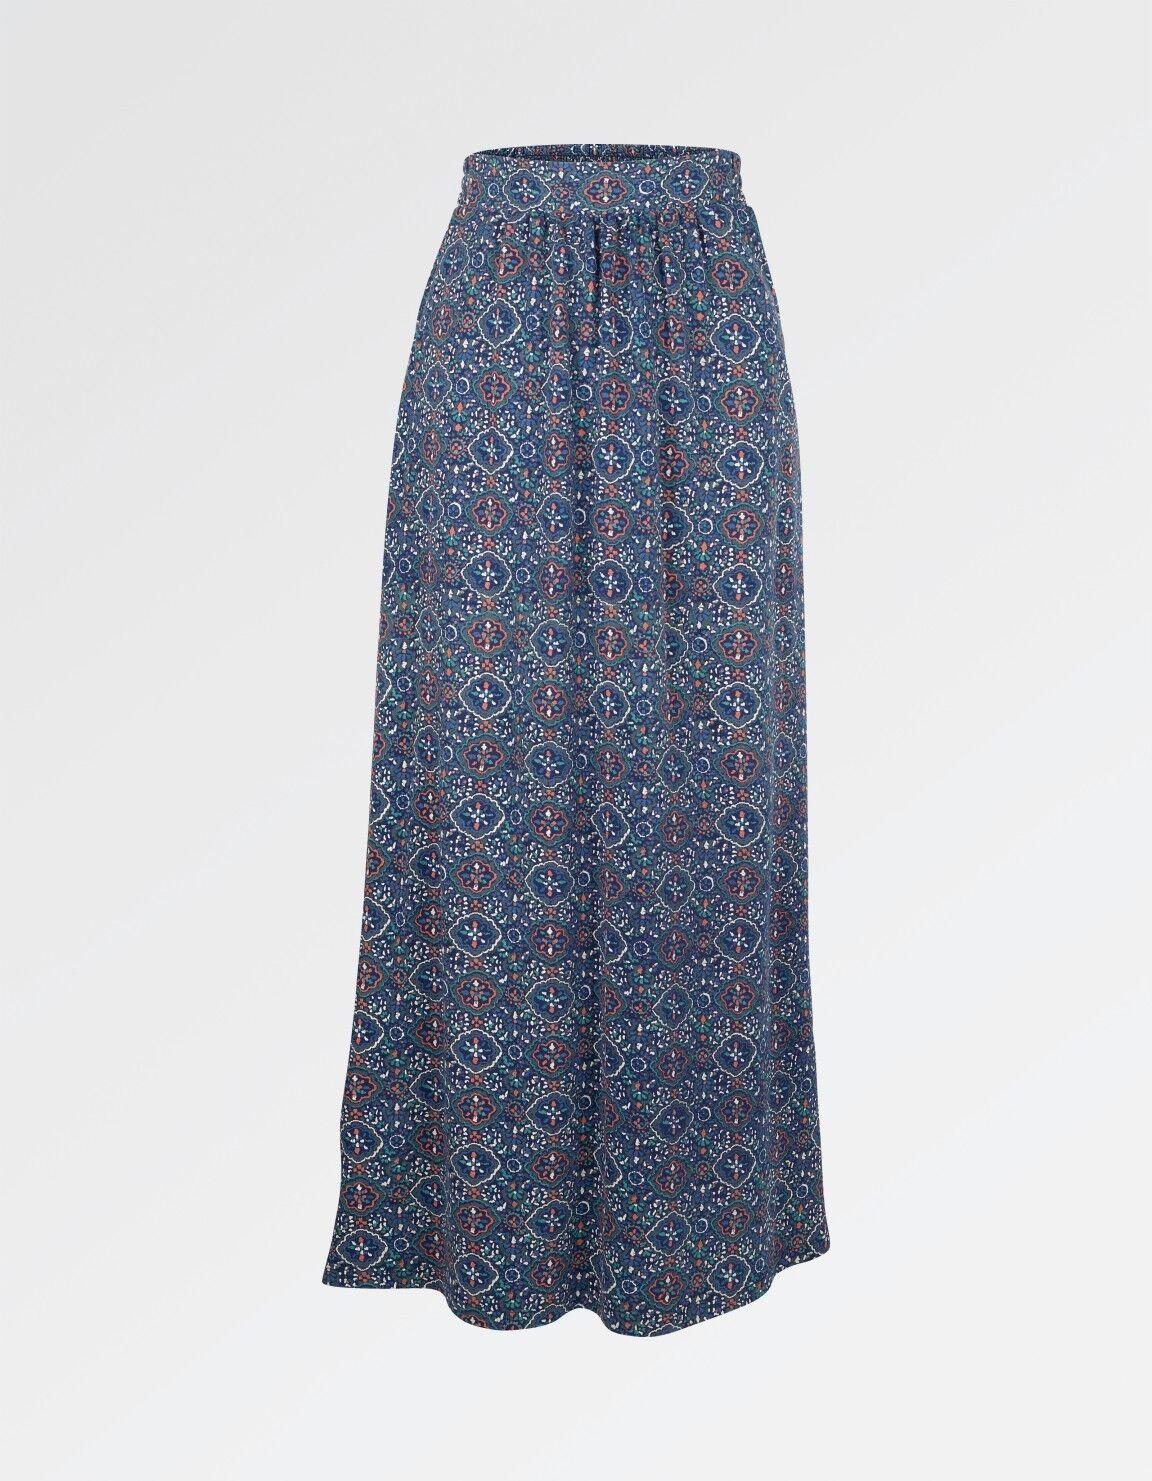 Fat Face - Women's - Amber Jewel Geo Maxi Skirt - bluee - 51% Cotton - BNWT